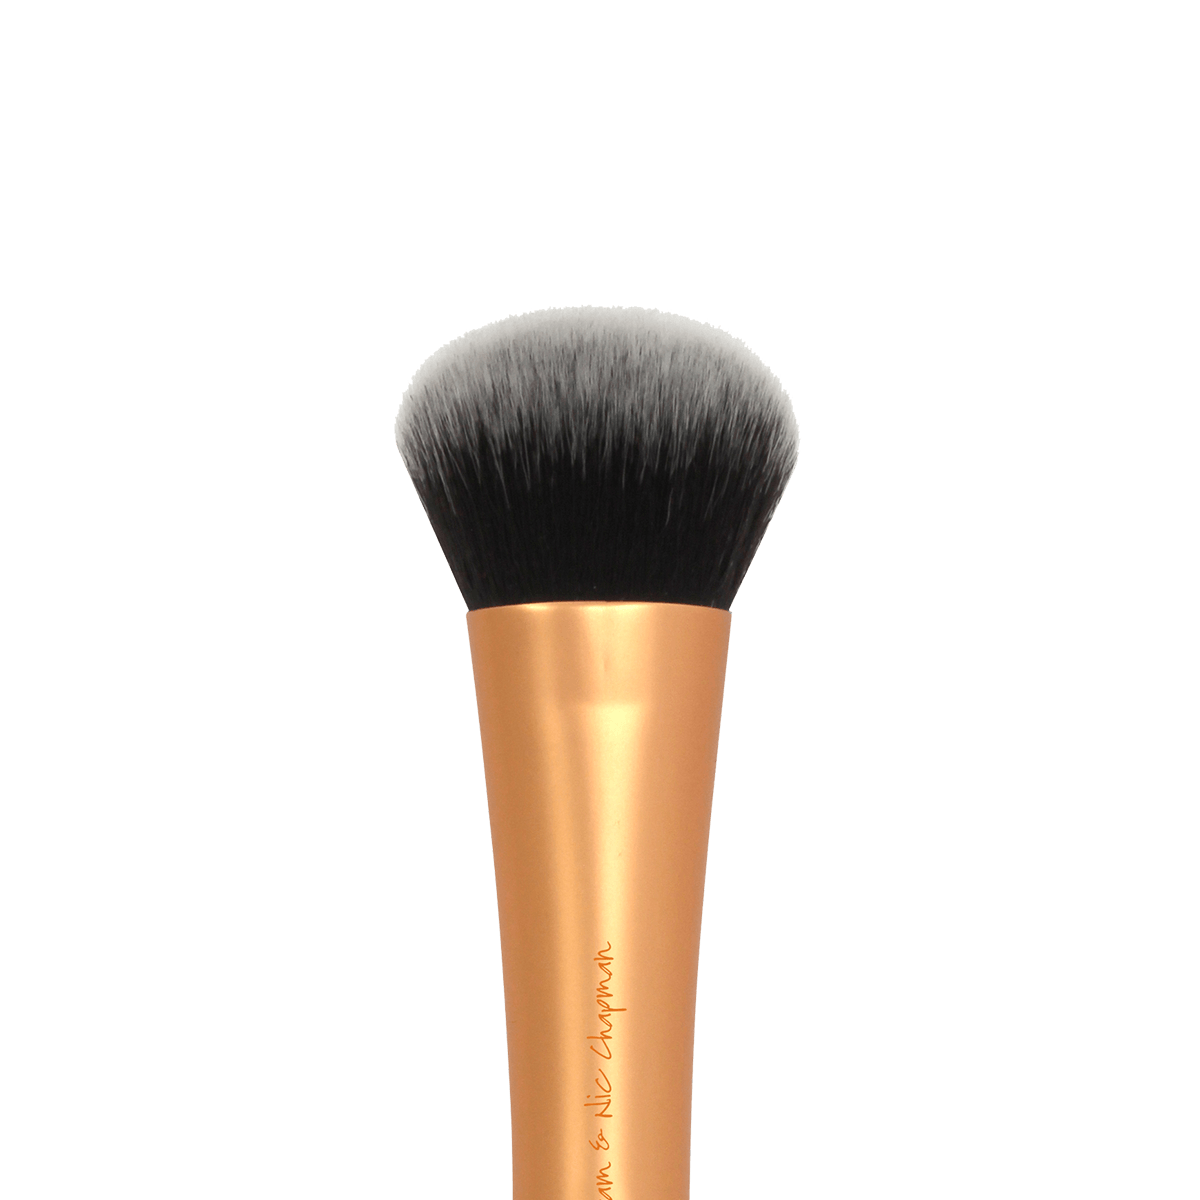 Универсальная кисть Expert Face Brush Real Techniques